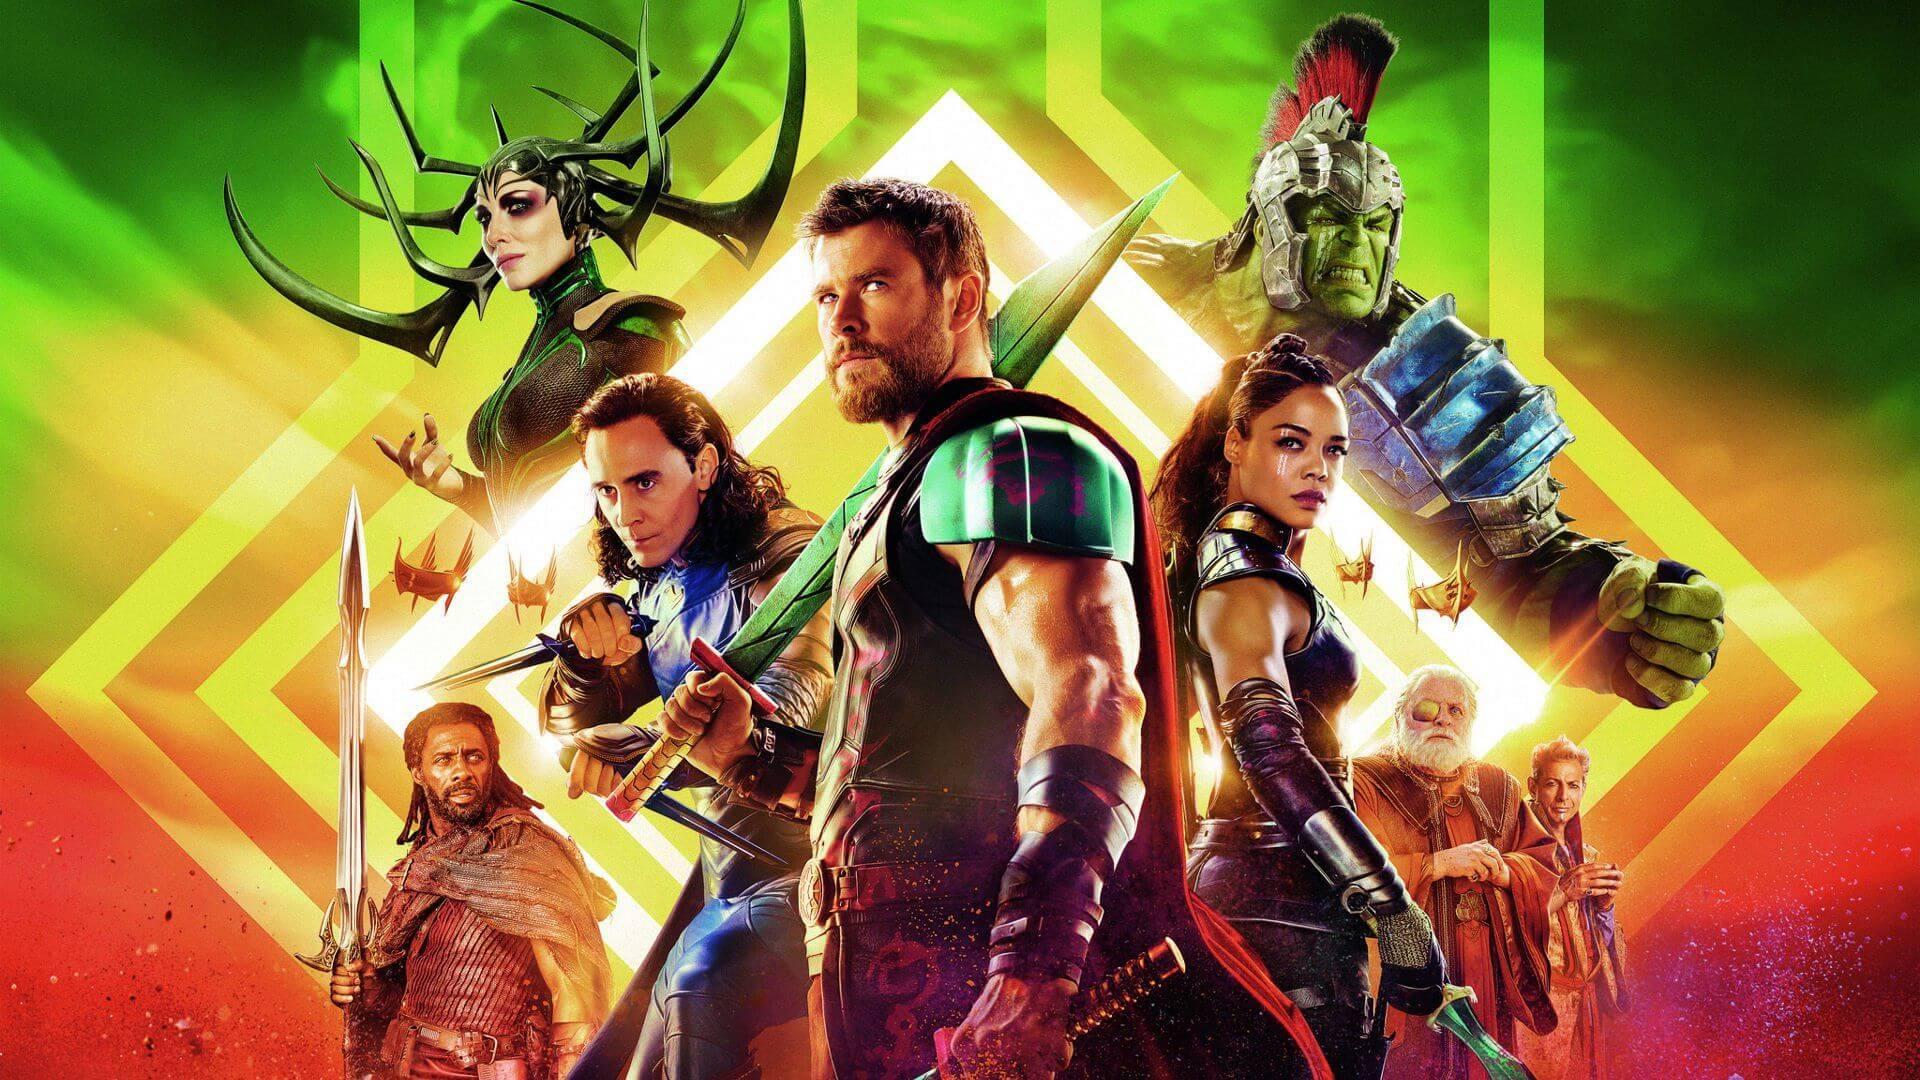 Críticas iniciais de Thor: Ragnarok são extremamente positivas